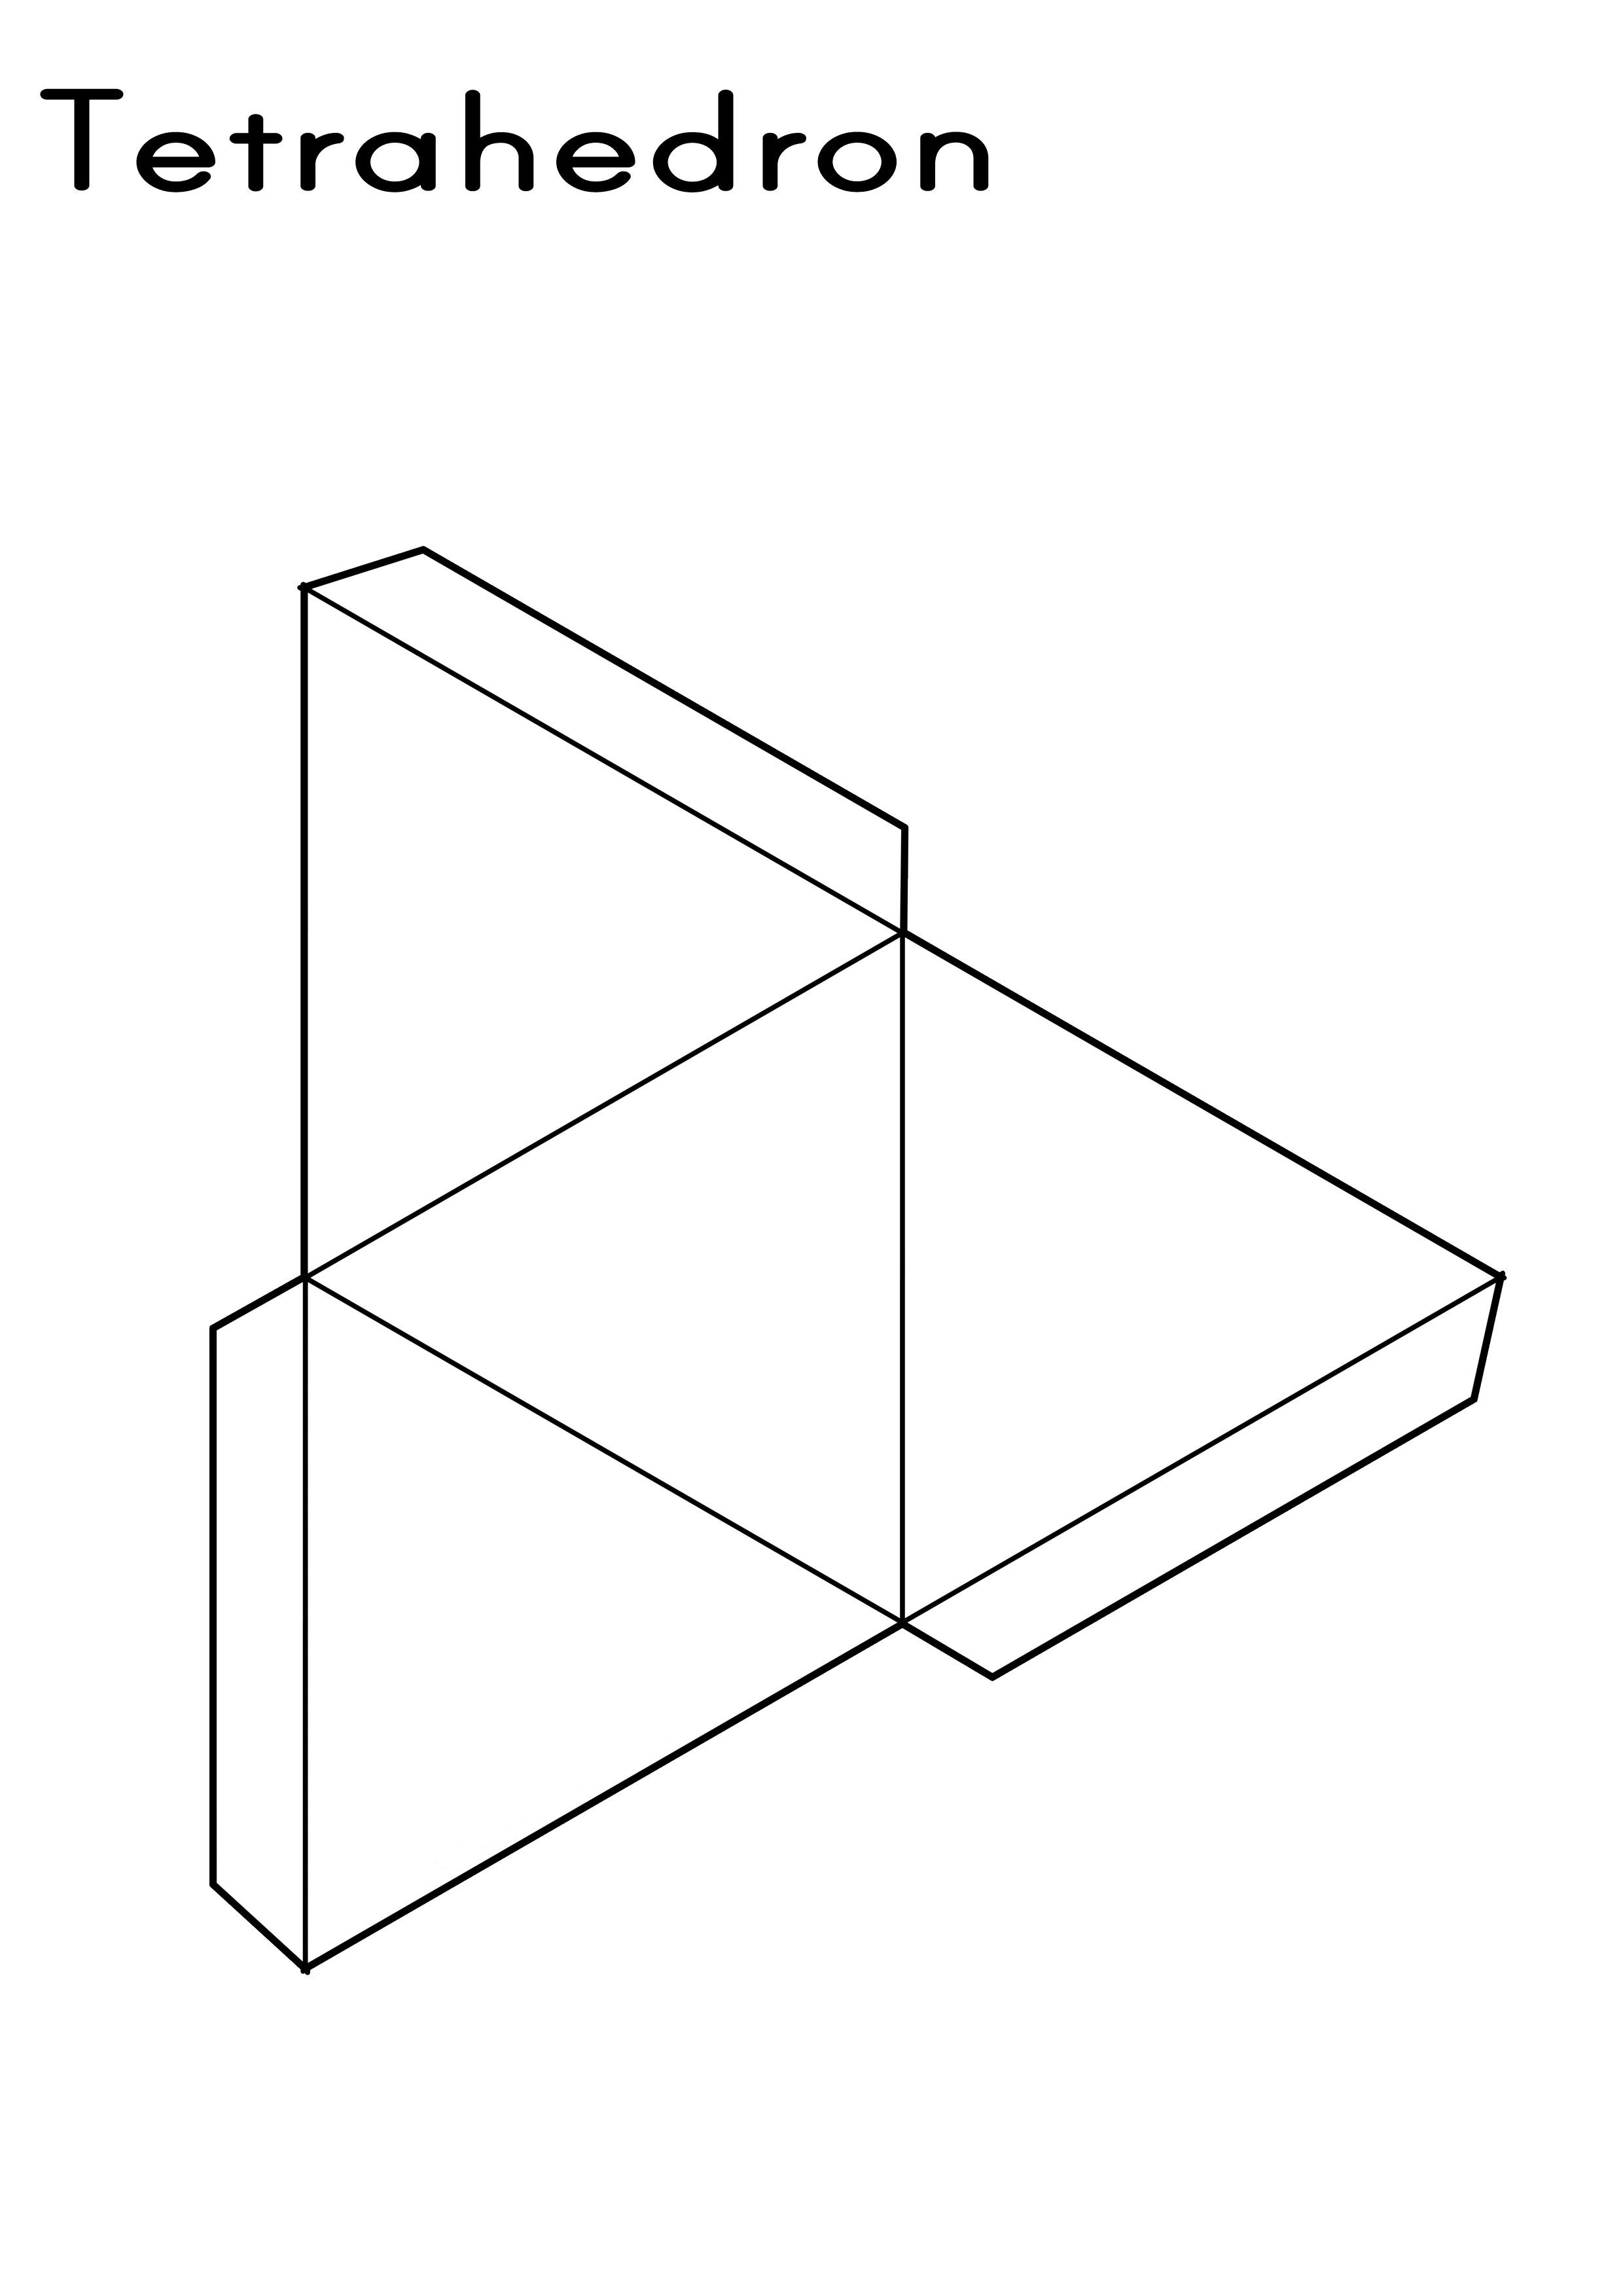 Tetrahedron Printable